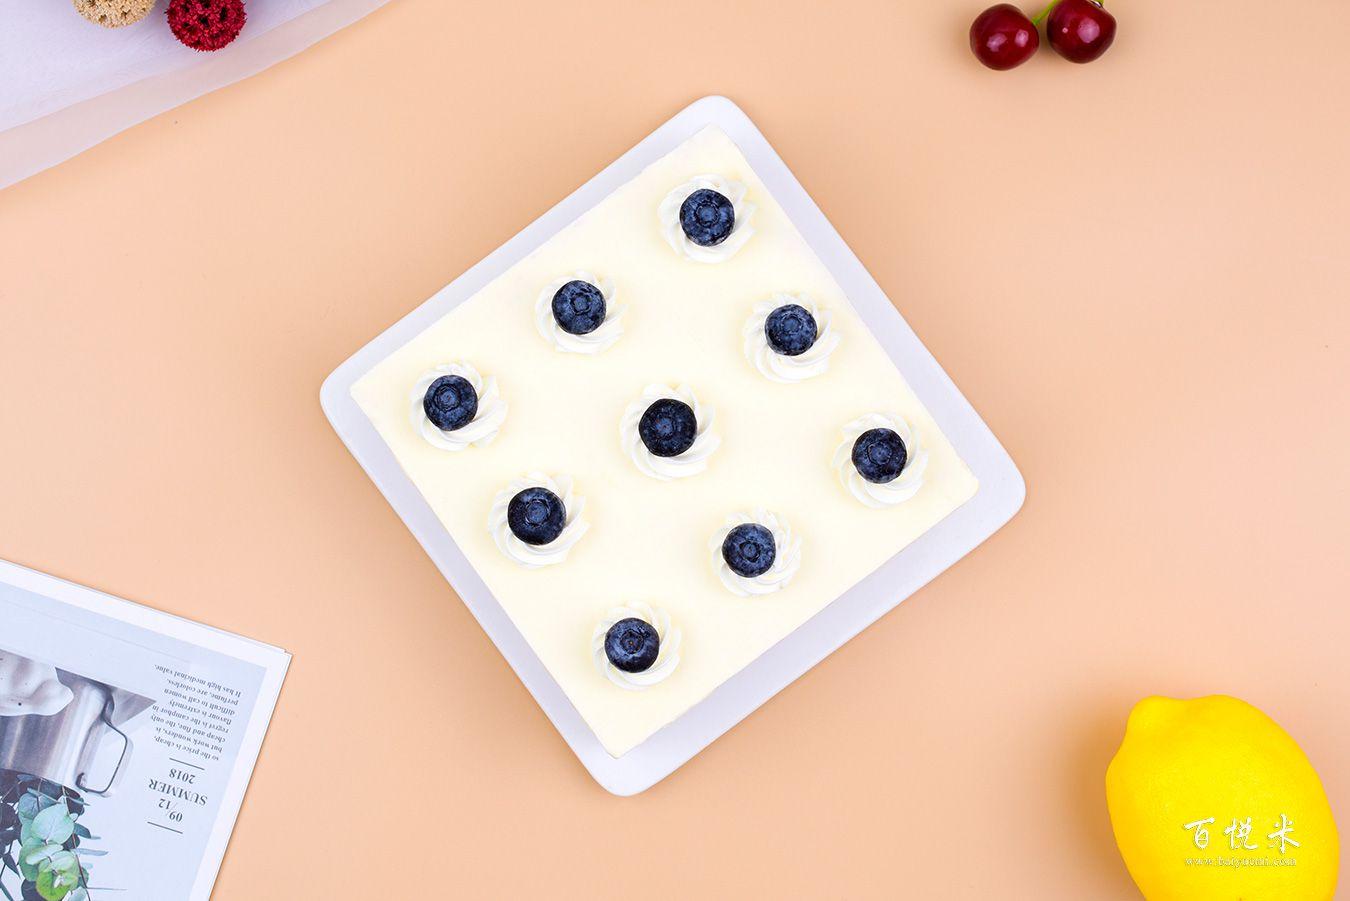 蓝莓芝士蛋糕高清图片大全【蛋糕图片】_373